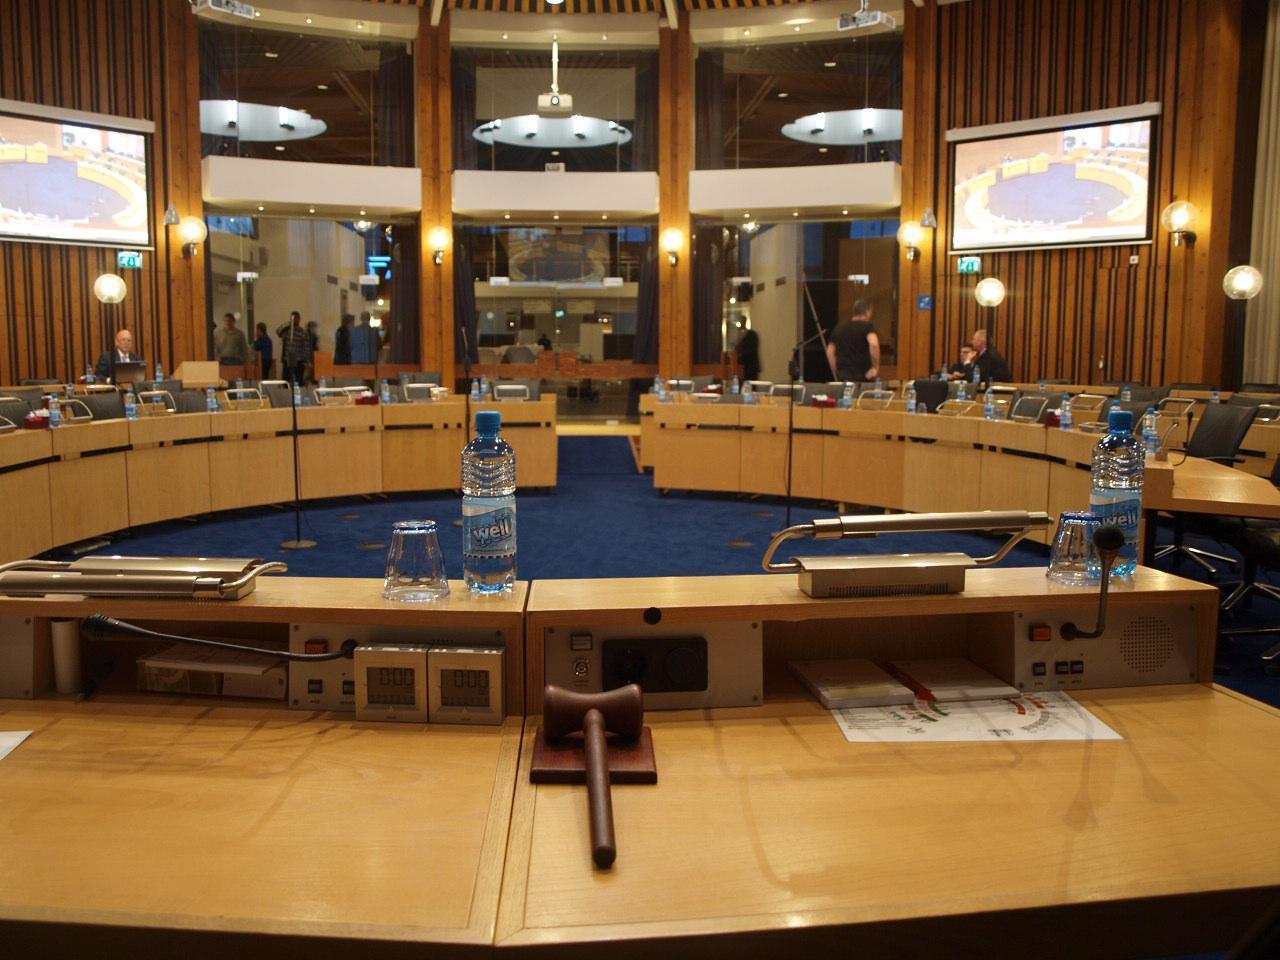 Politici Haarlemmermeer vinden elkaar weer, coalitie en oppositie werken samen